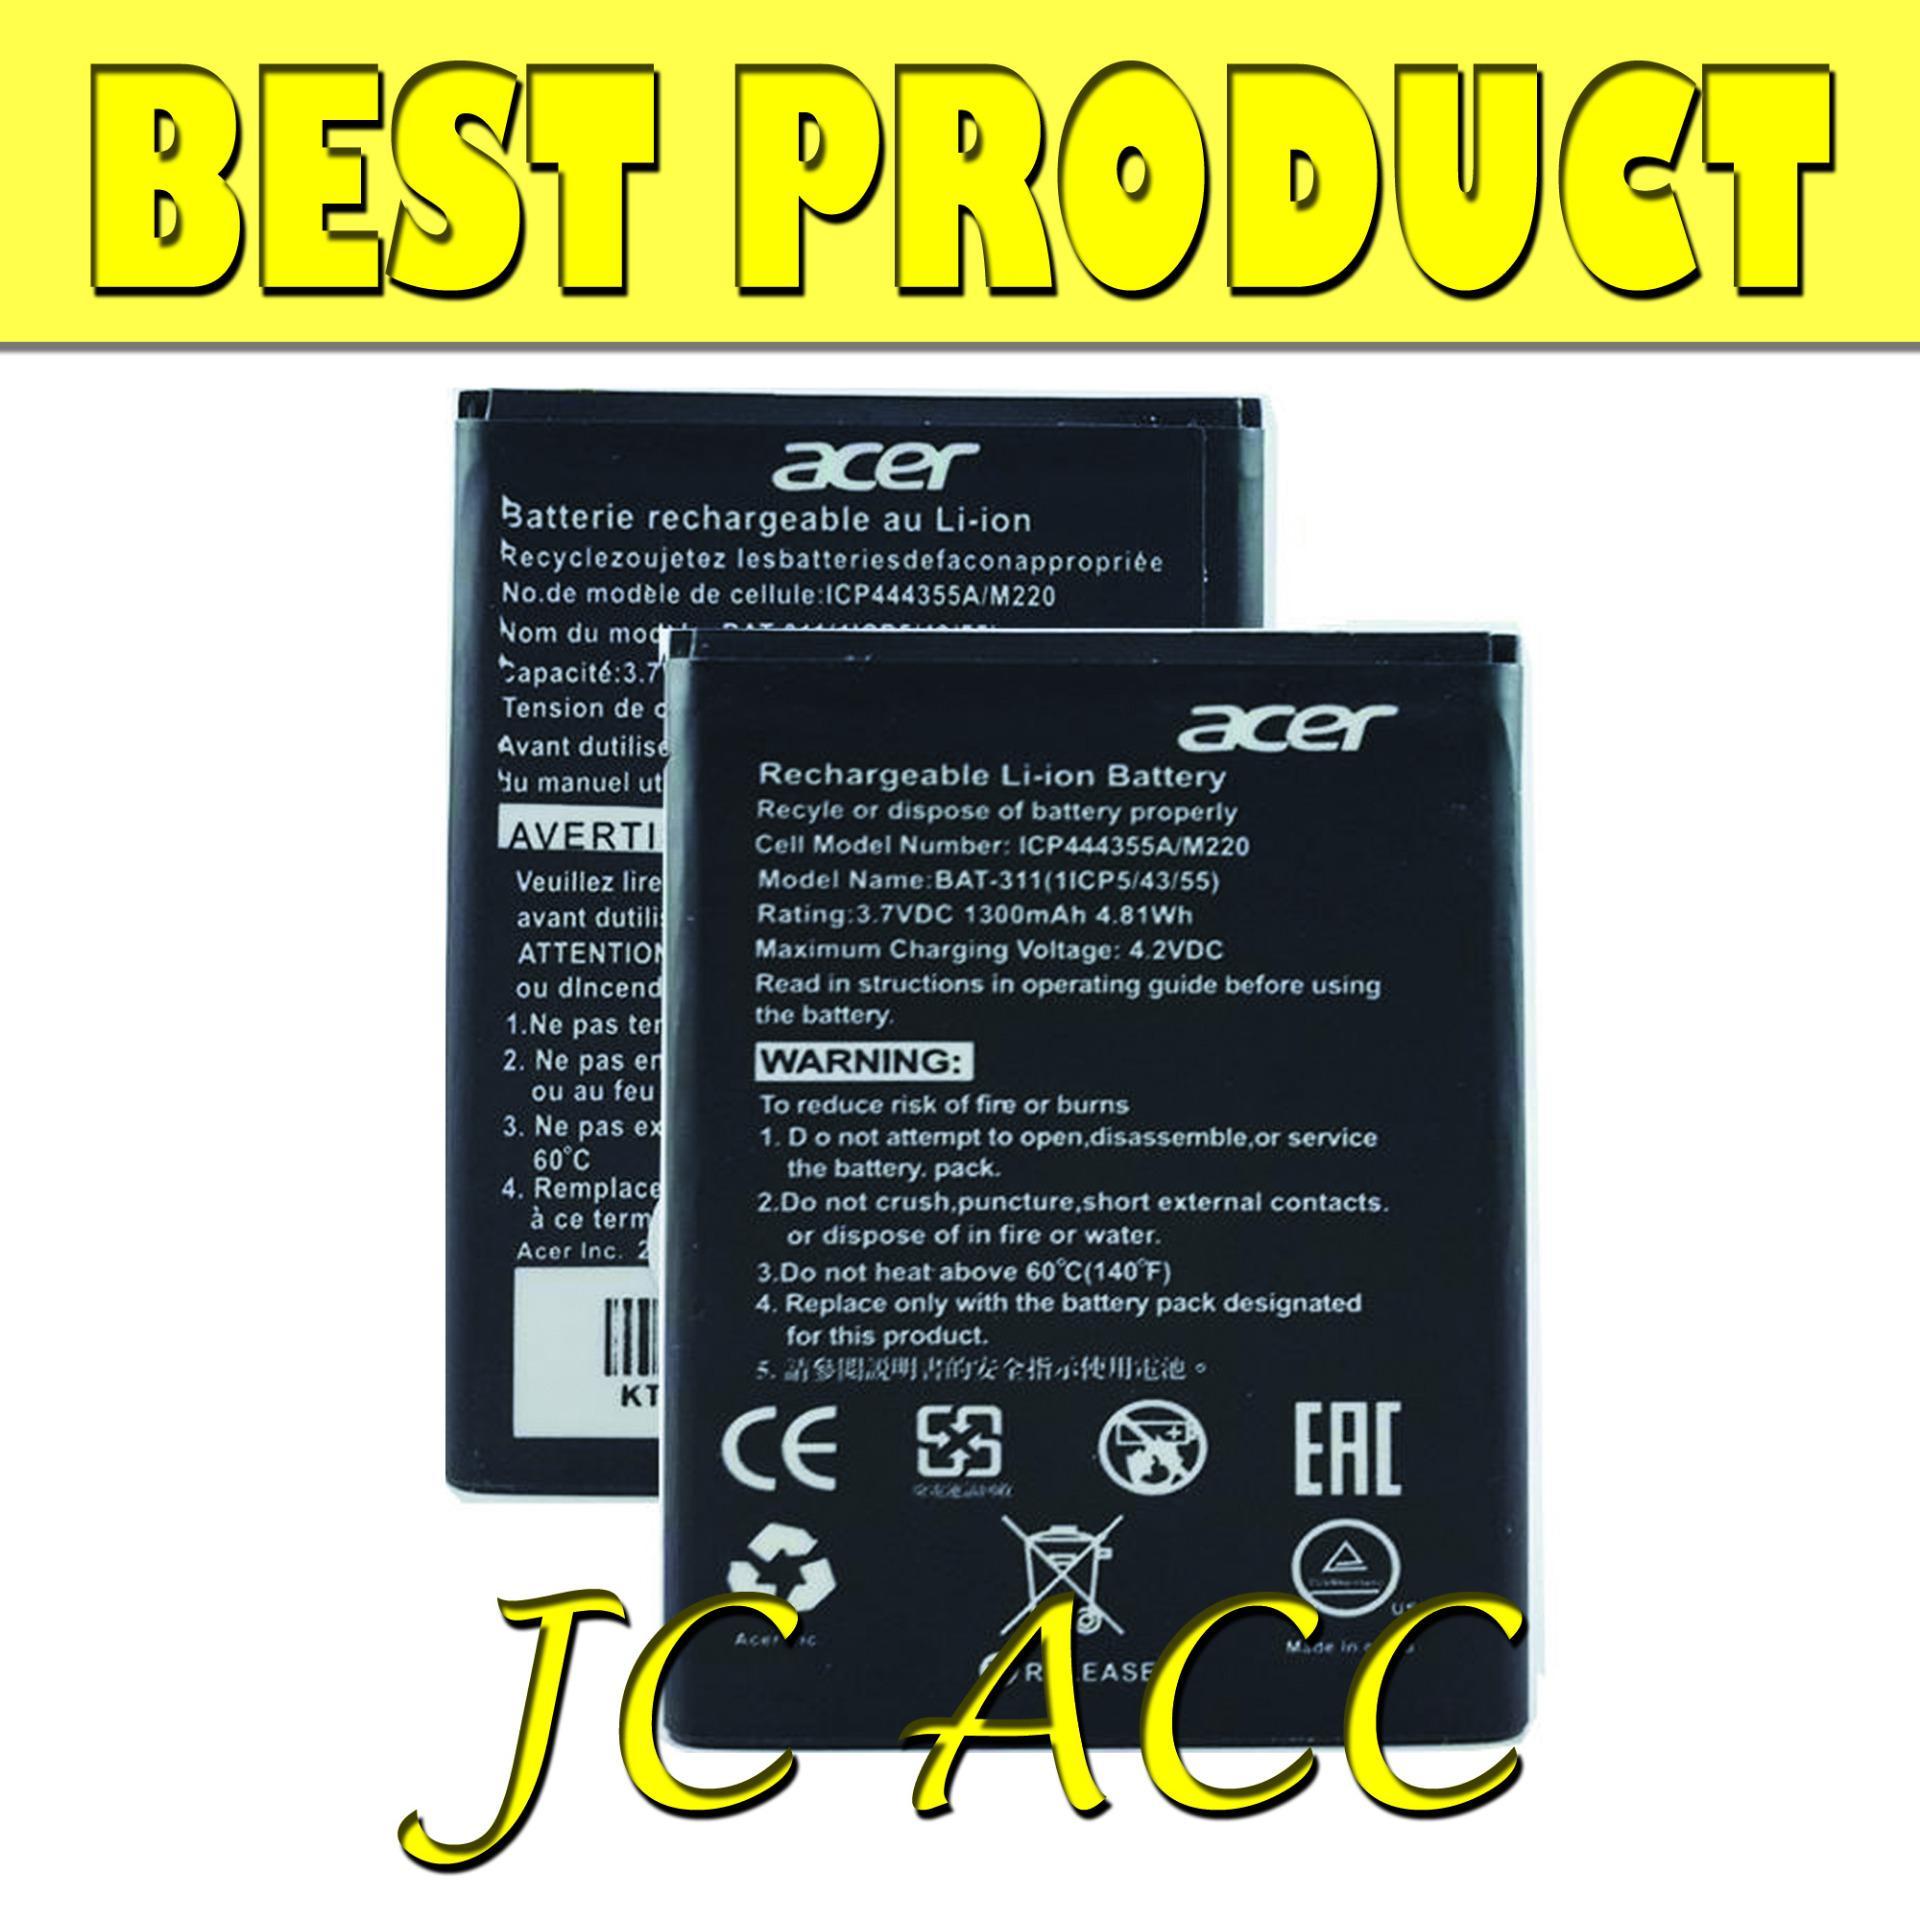 Acer Original 100% BAT-A311 Baterai for Acer Z200 / Z205 / Z220 / M220 (BEST PRODUCT)